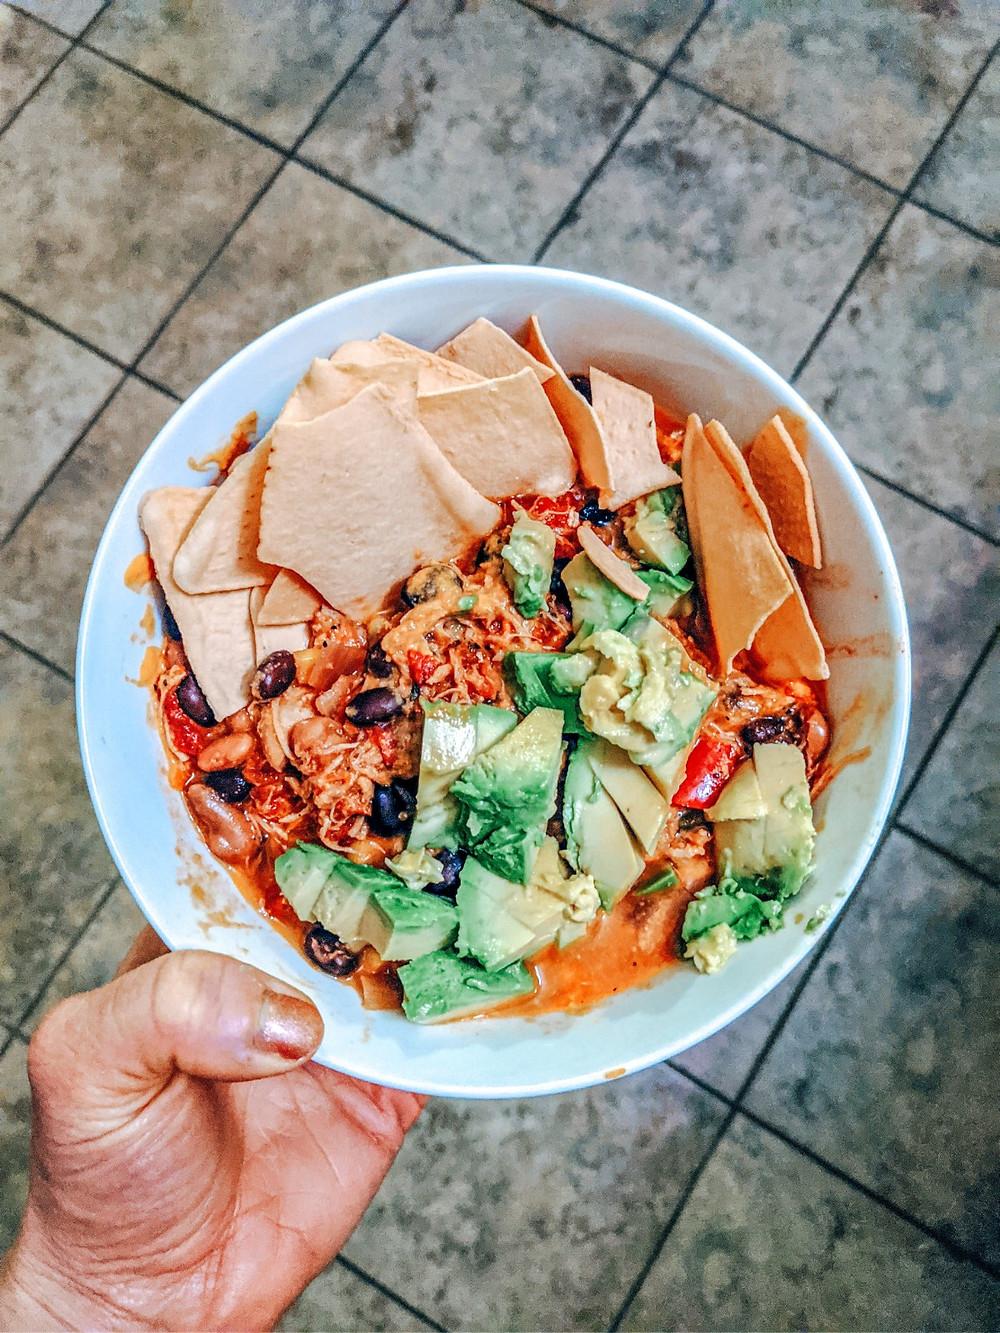 healthy recipe, simple recipe, eat clean, taco soup, chicken taco soup, healthy taco, healthy taco soup, healthy chili, instant pot healthy, clean eats, eat clean, healthy crock pot, whole 30, paleo, keto, healthy recipe,